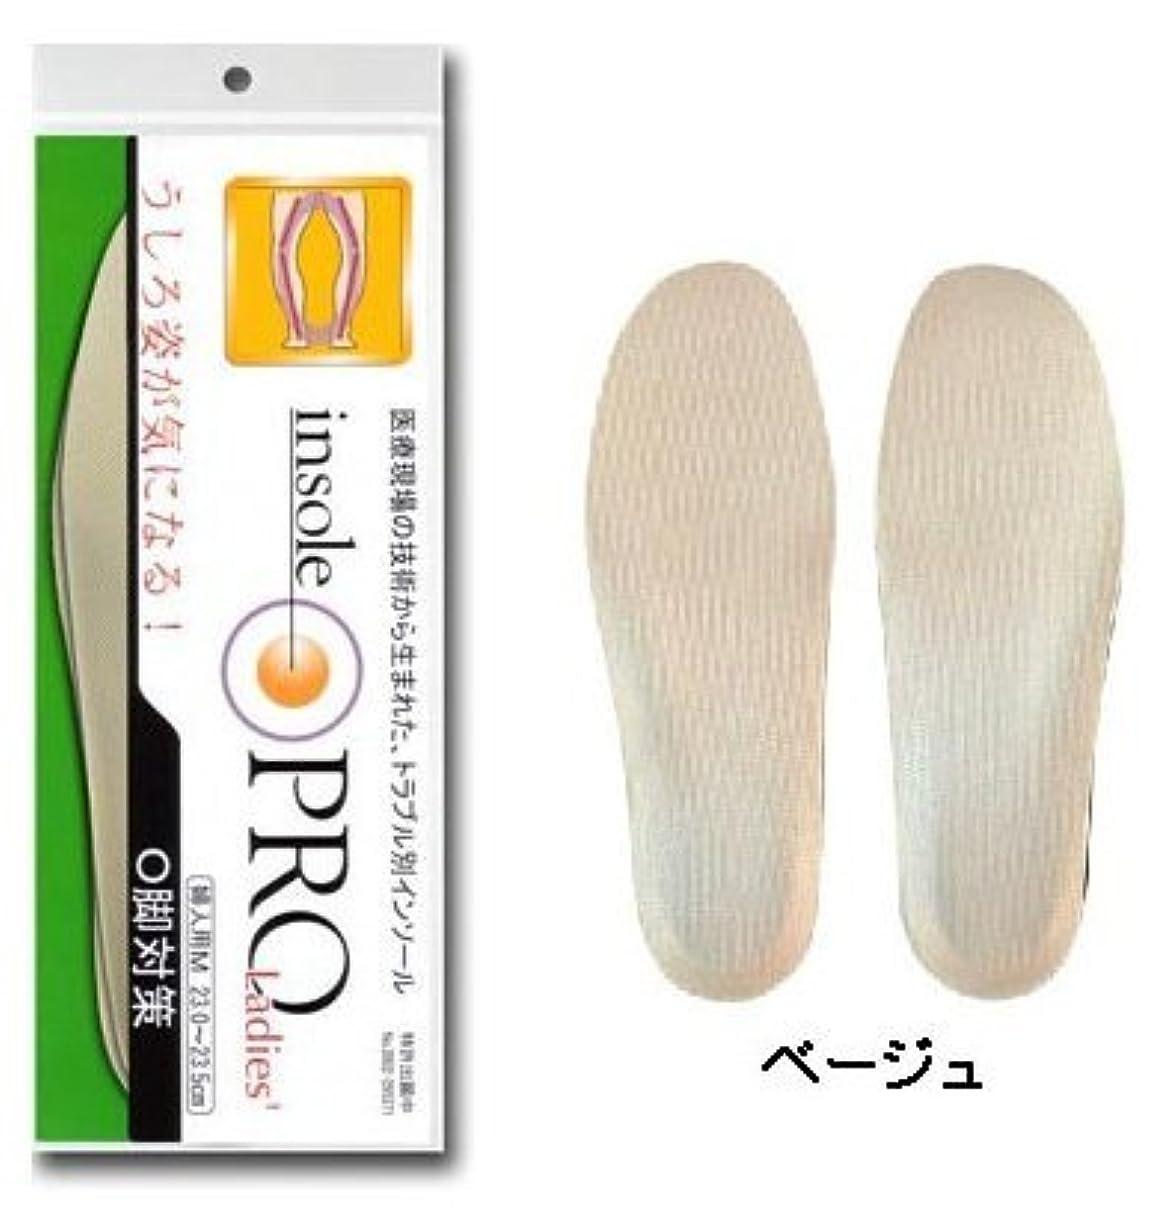 耐えられない反逆者アイザックインソールプロ 「O脚対策」 (女性用 L 24.0~25.0cm)